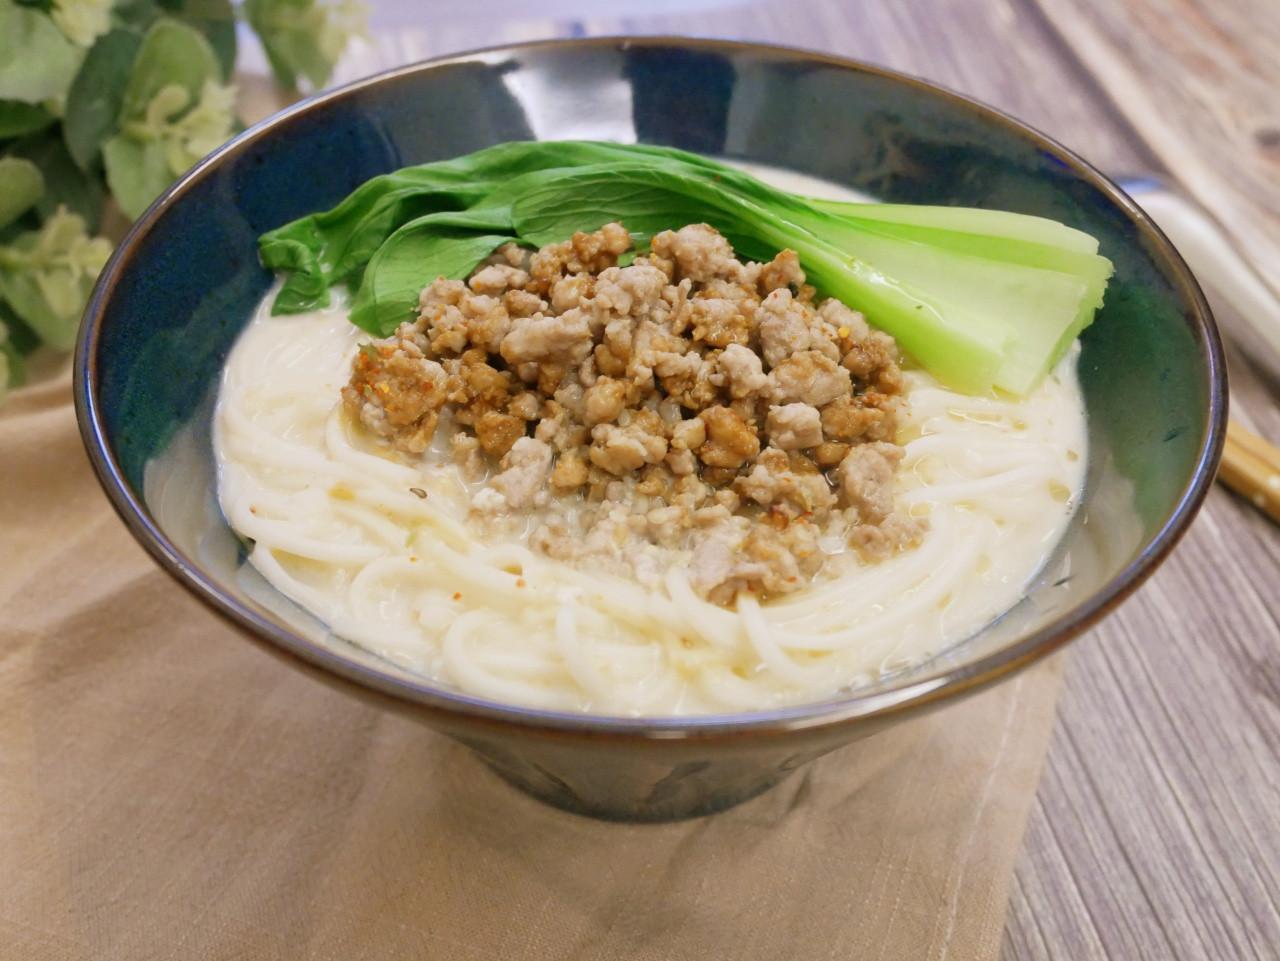 好開胃「日式擔擔麵」麻辣味、湯頭濃郁。